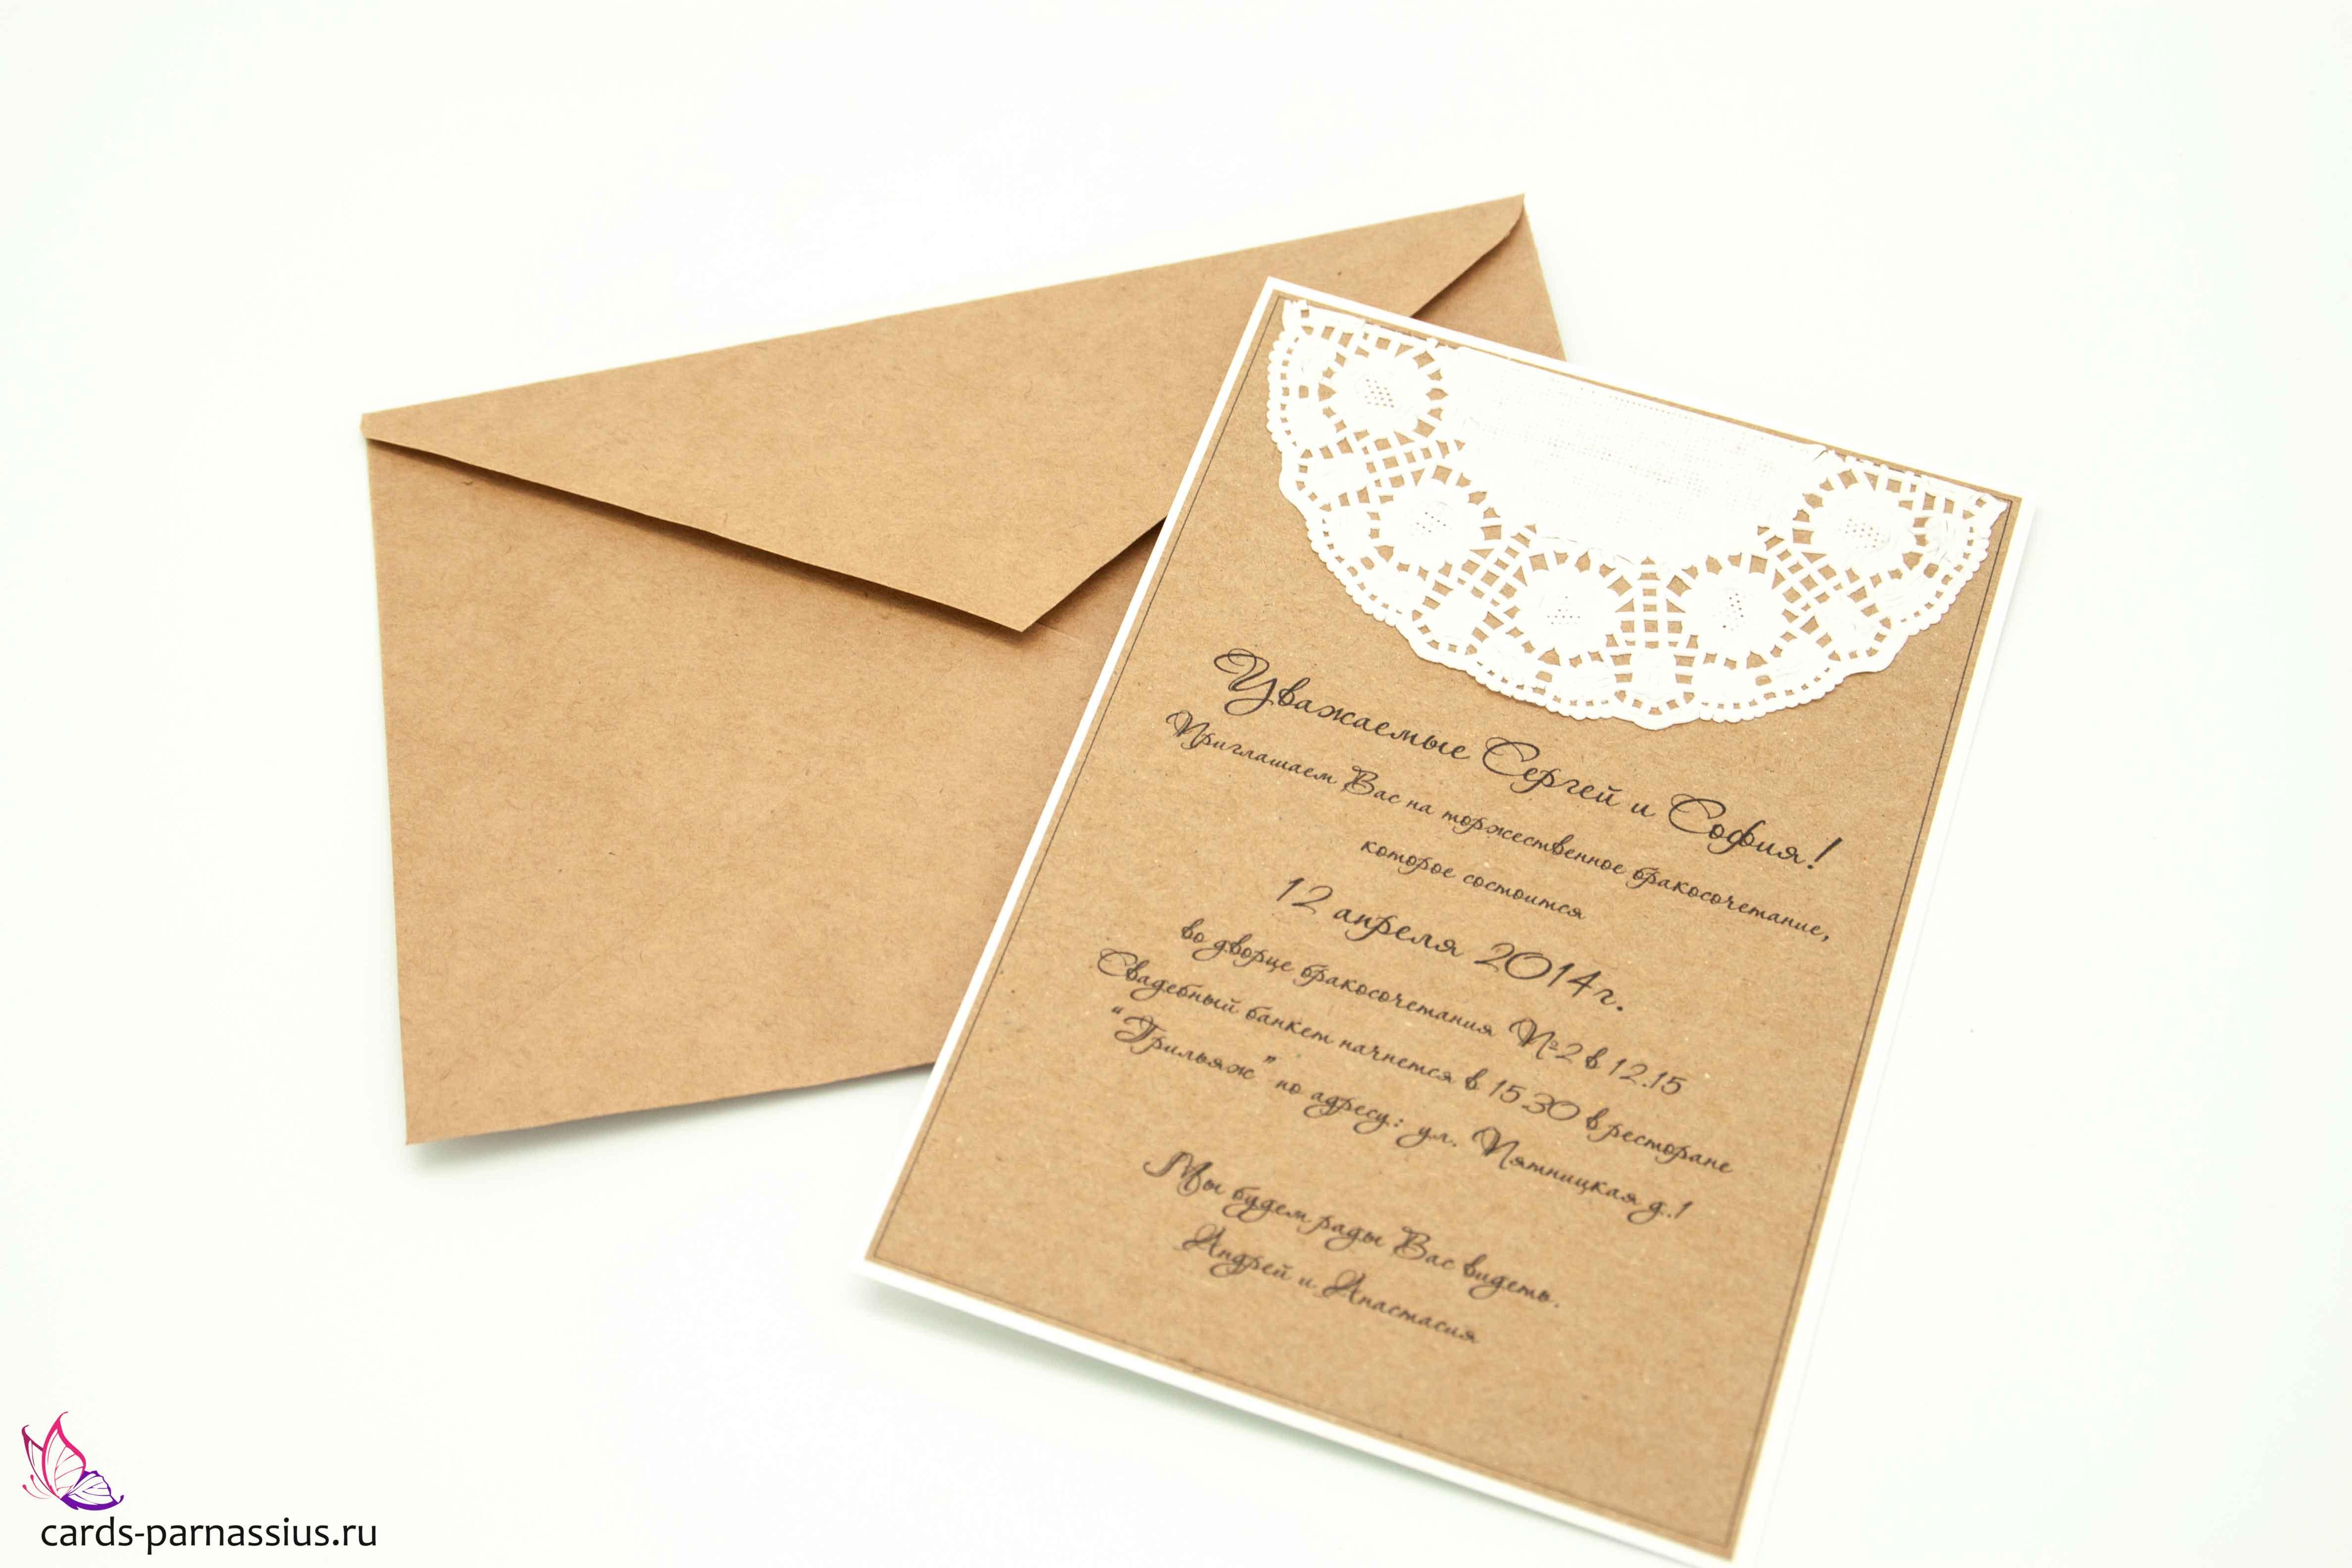 Оригинальные пригласительные открытки на свадьбу своими руками